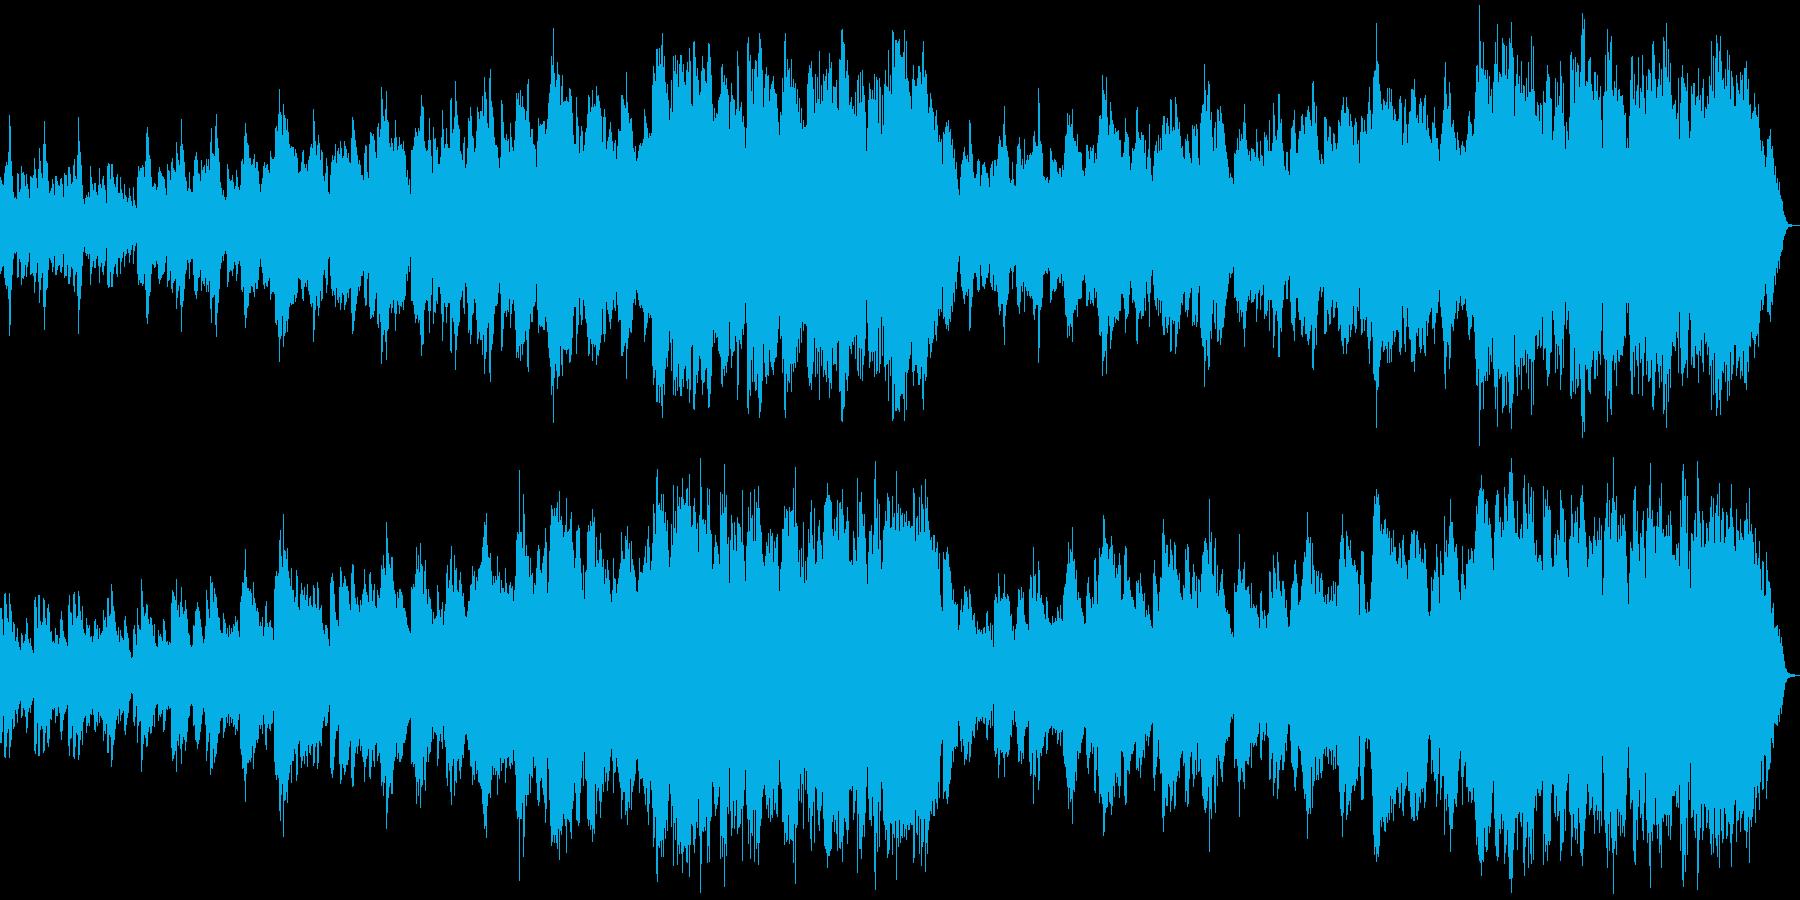 悲しいバイオリンのバラードの再生済みの波形